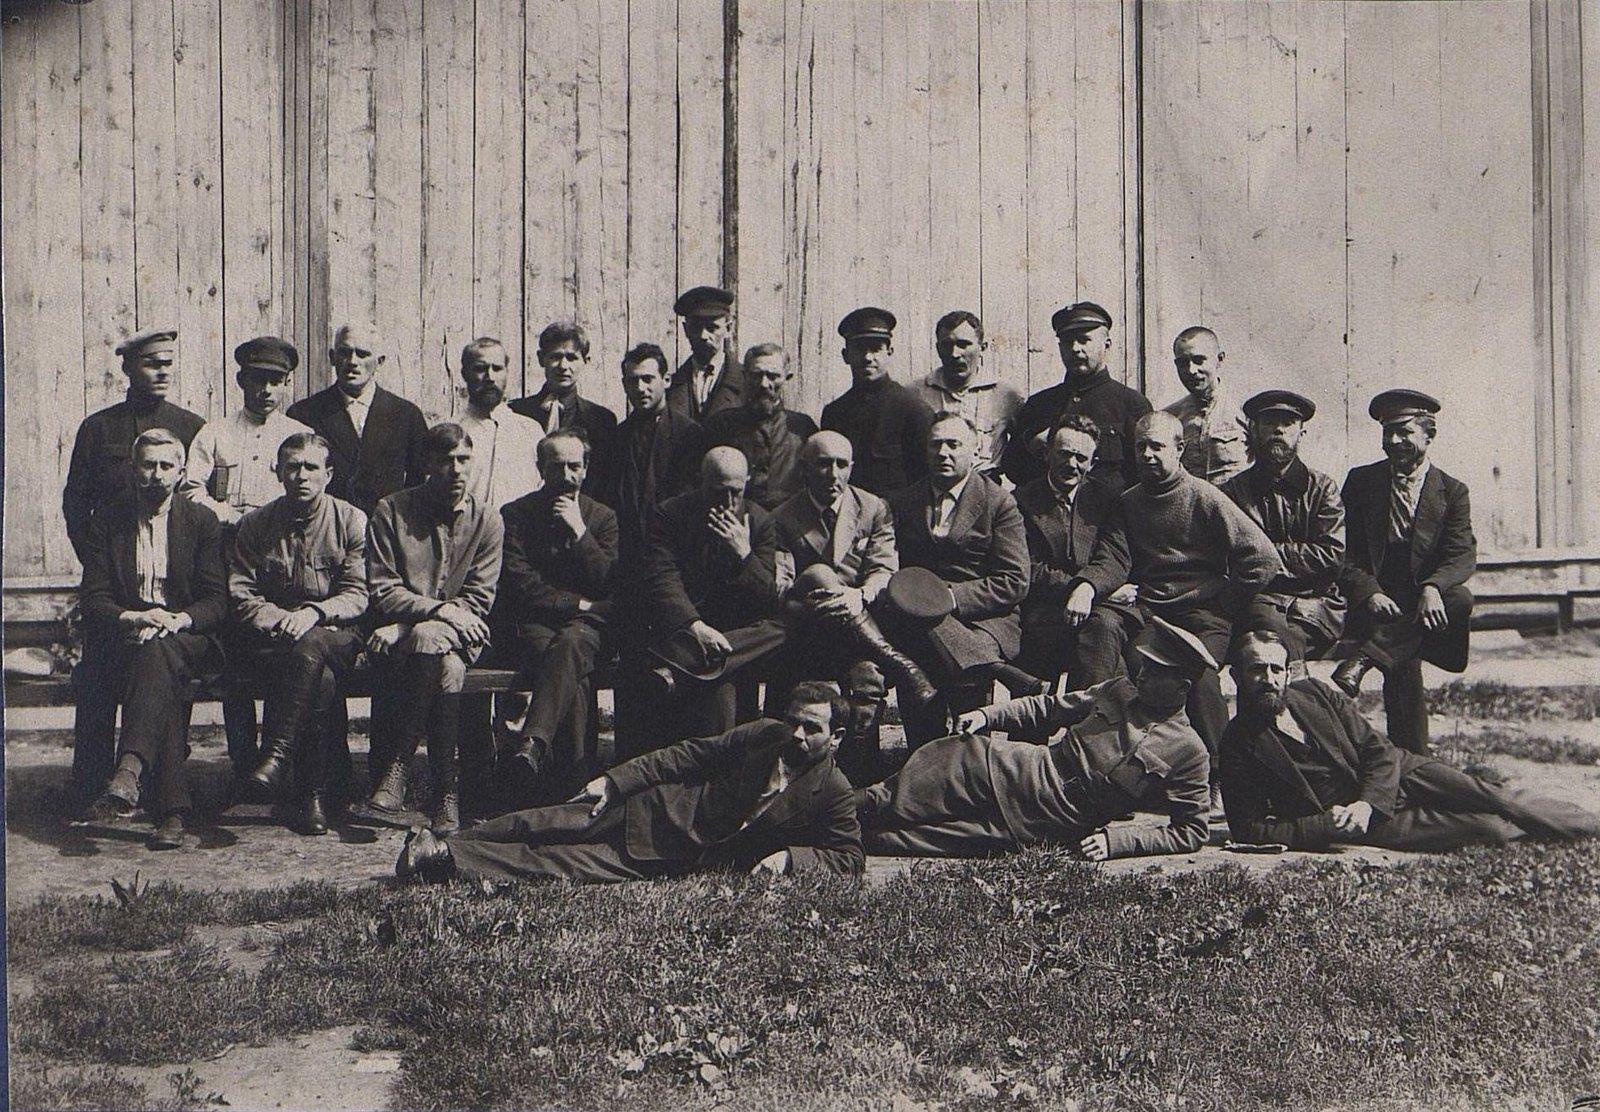 21. Групповое фото на фоне деревянного забора